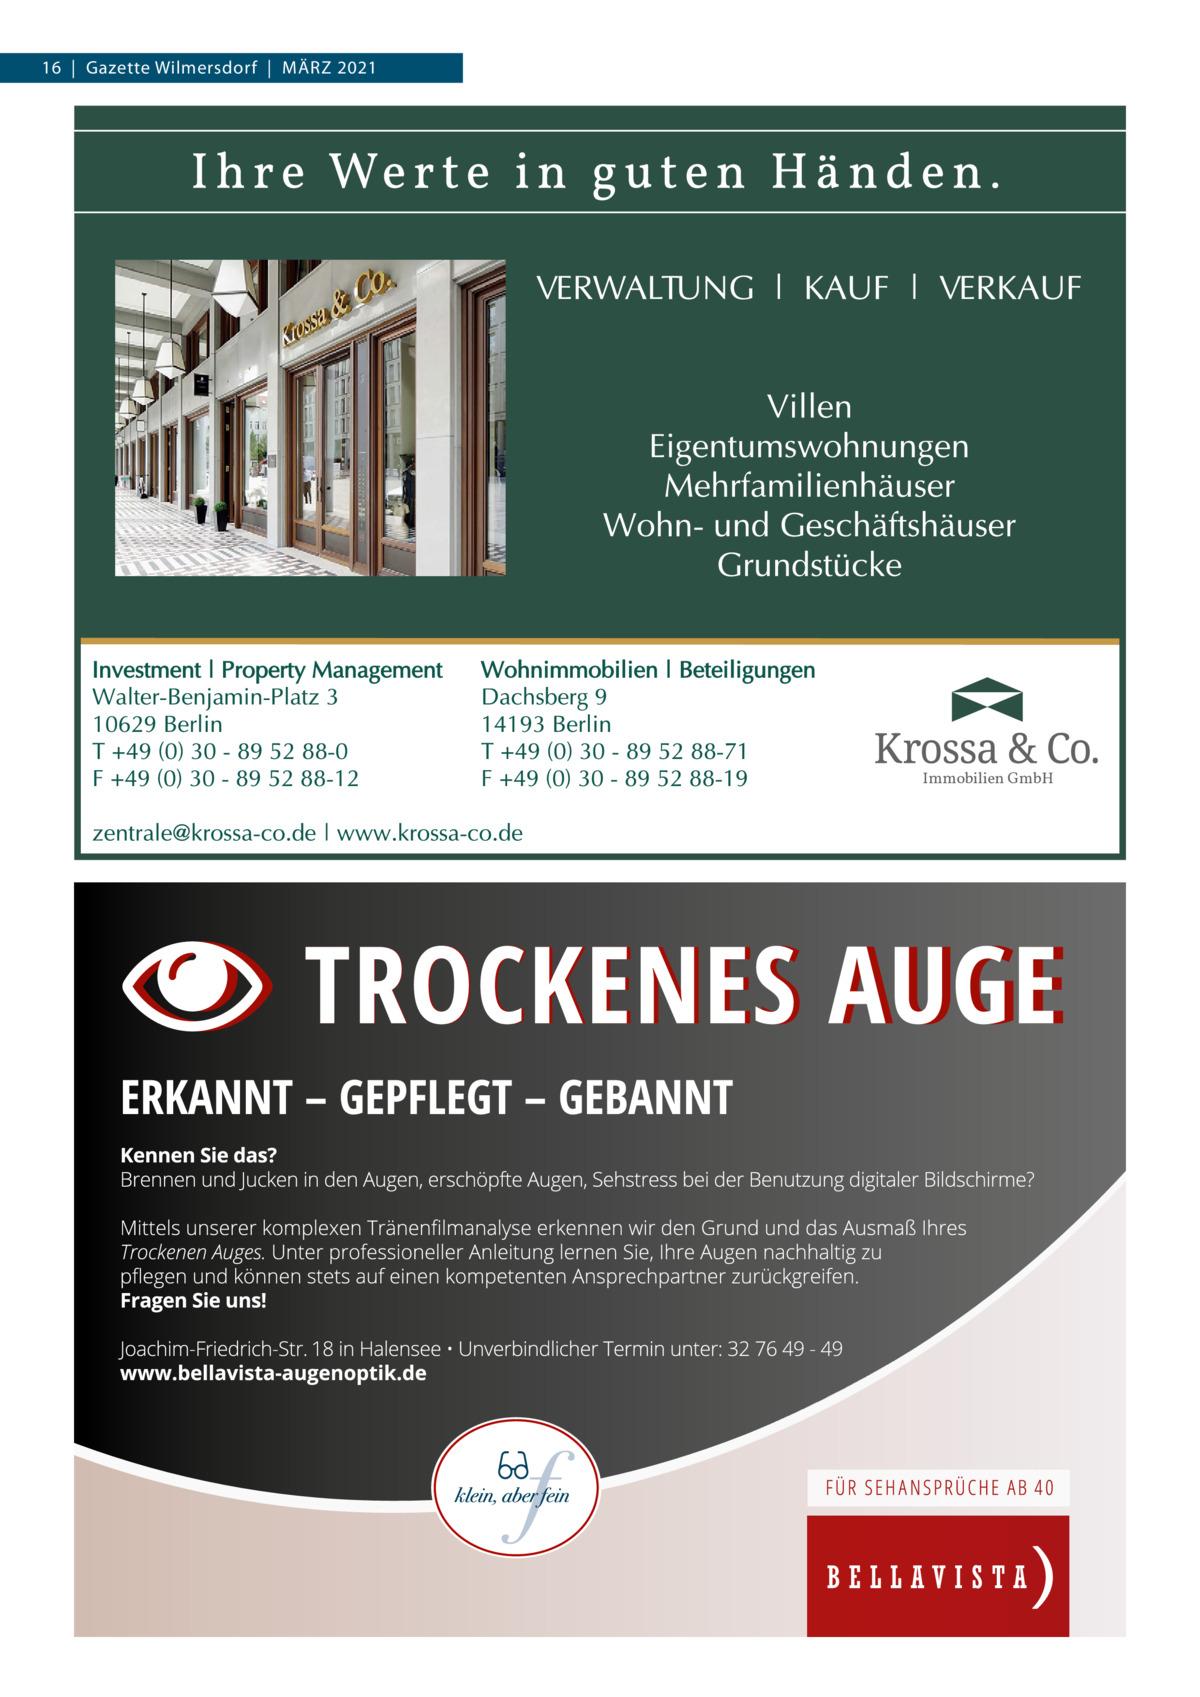 16|Gazette Wilmersdorf|März 2021  Immobilien GmbH